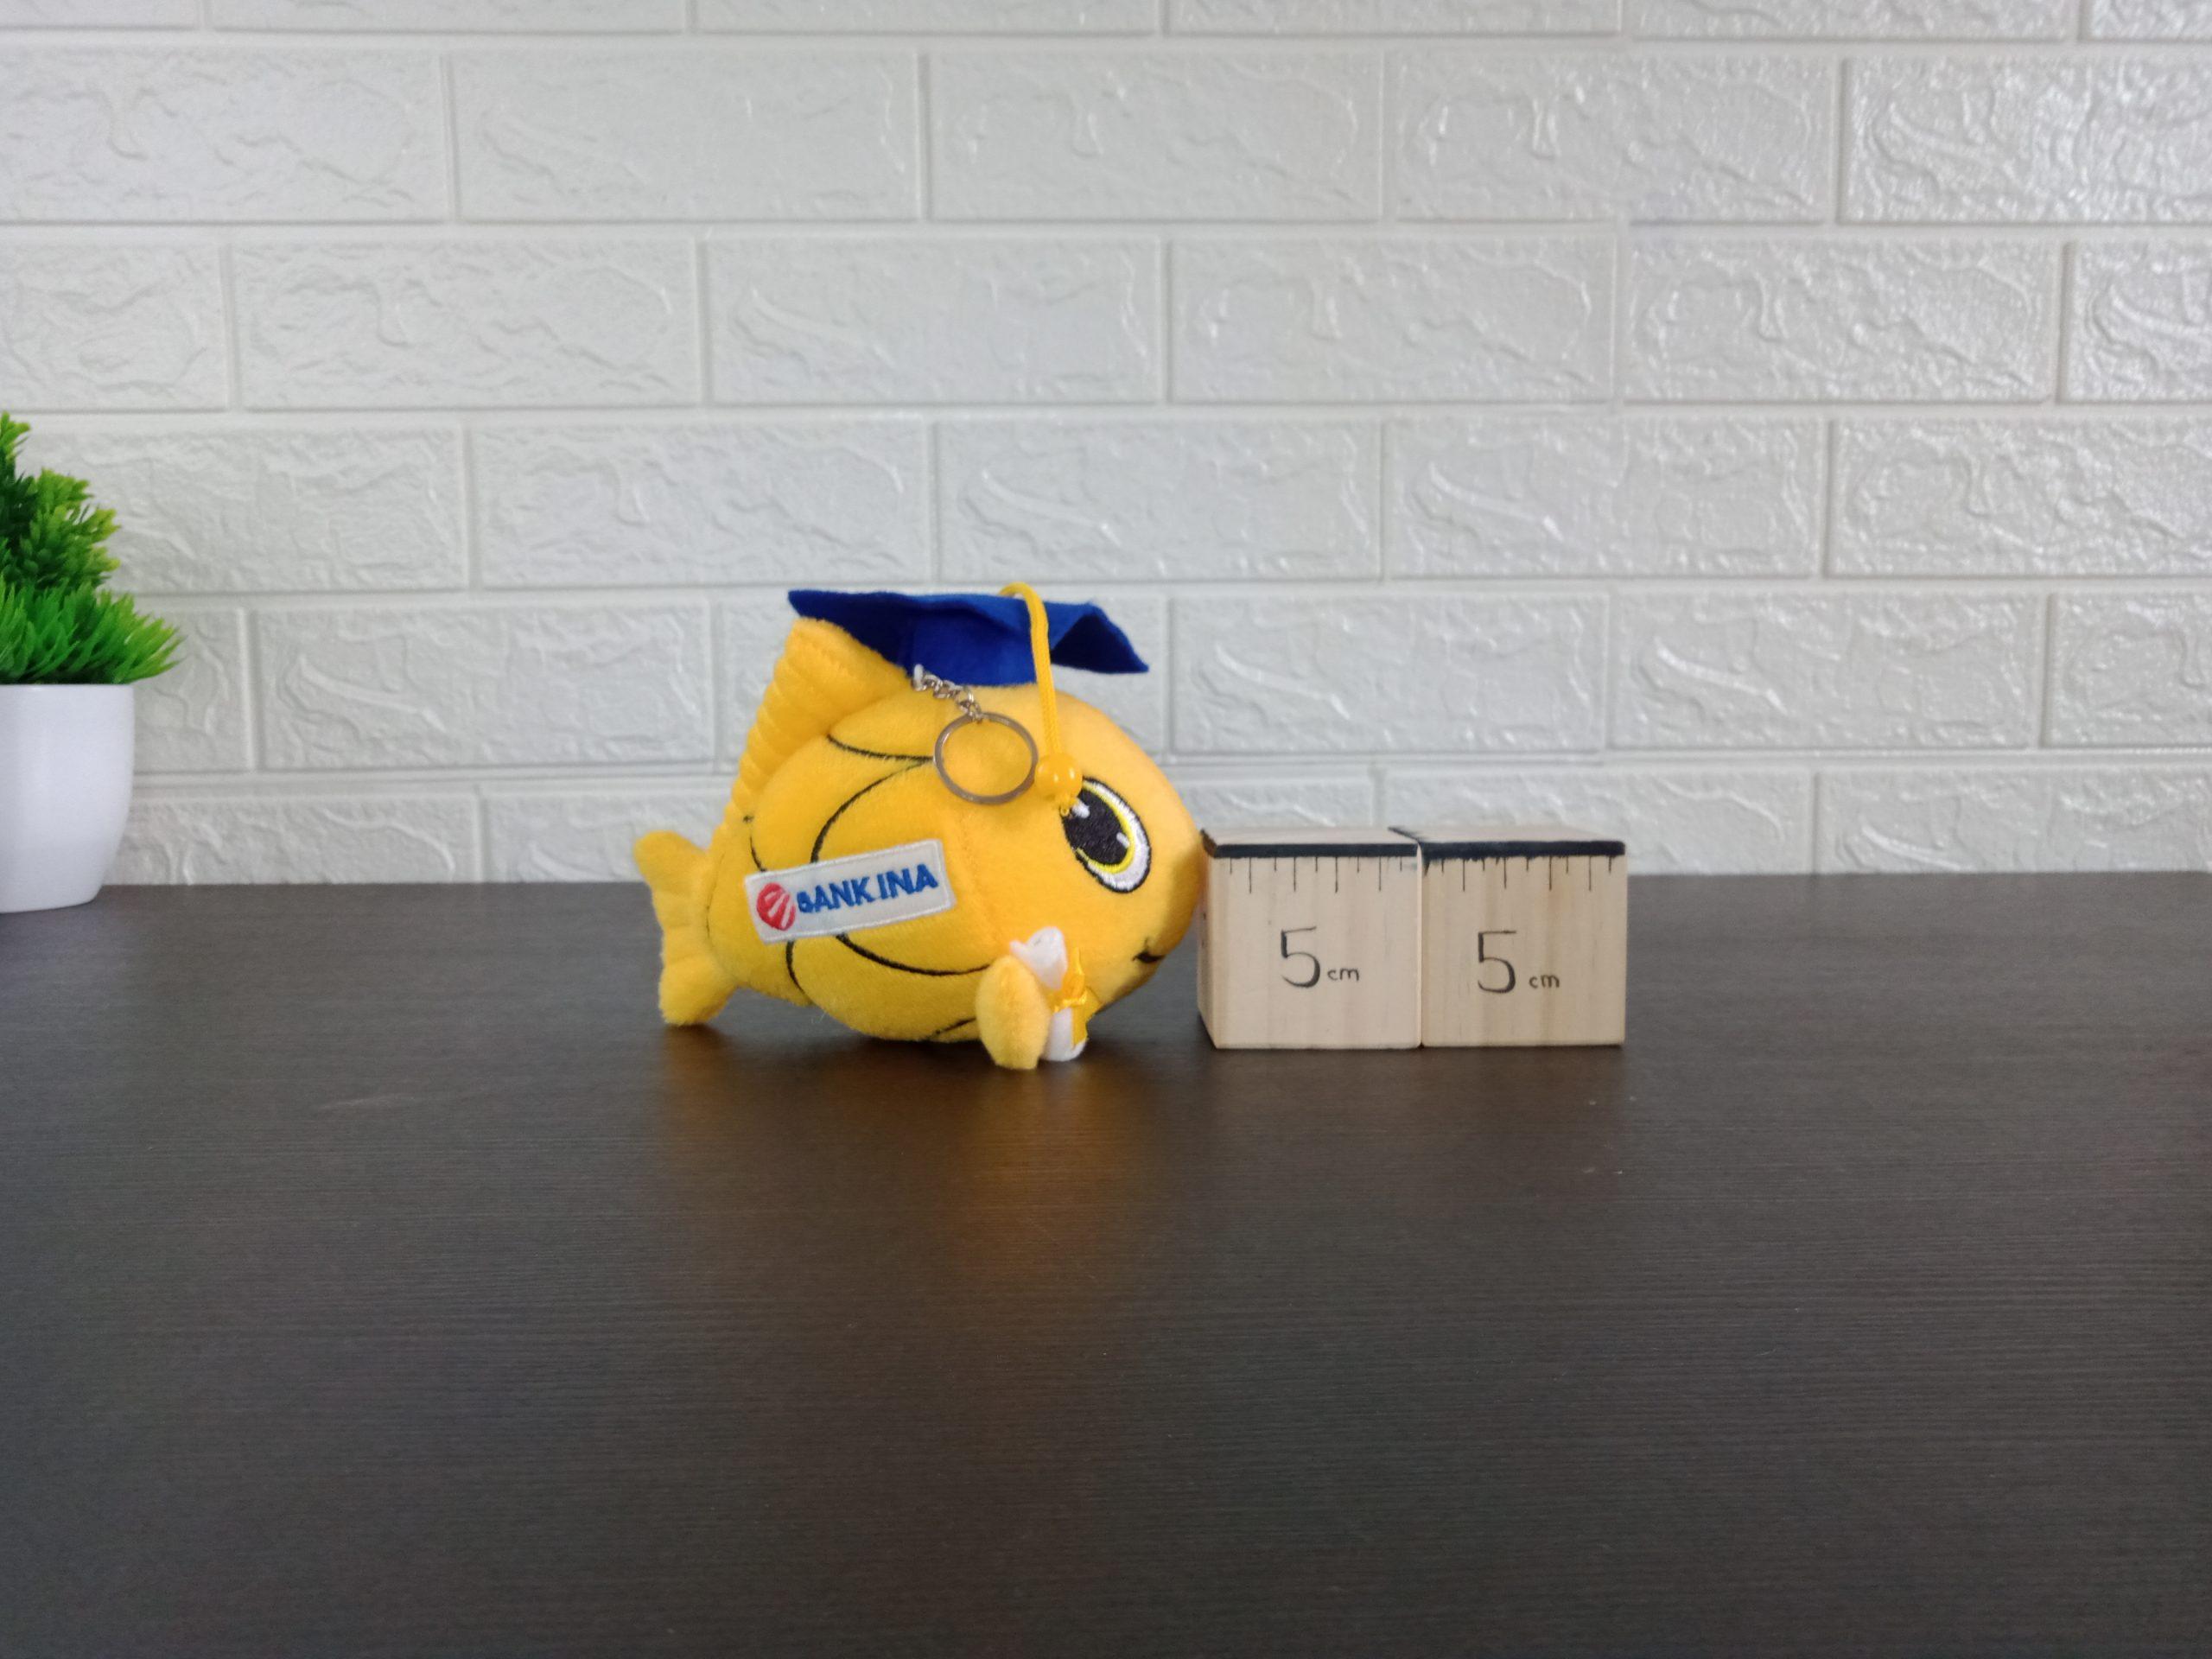 Animal Ikan wisuda bank Ina Image